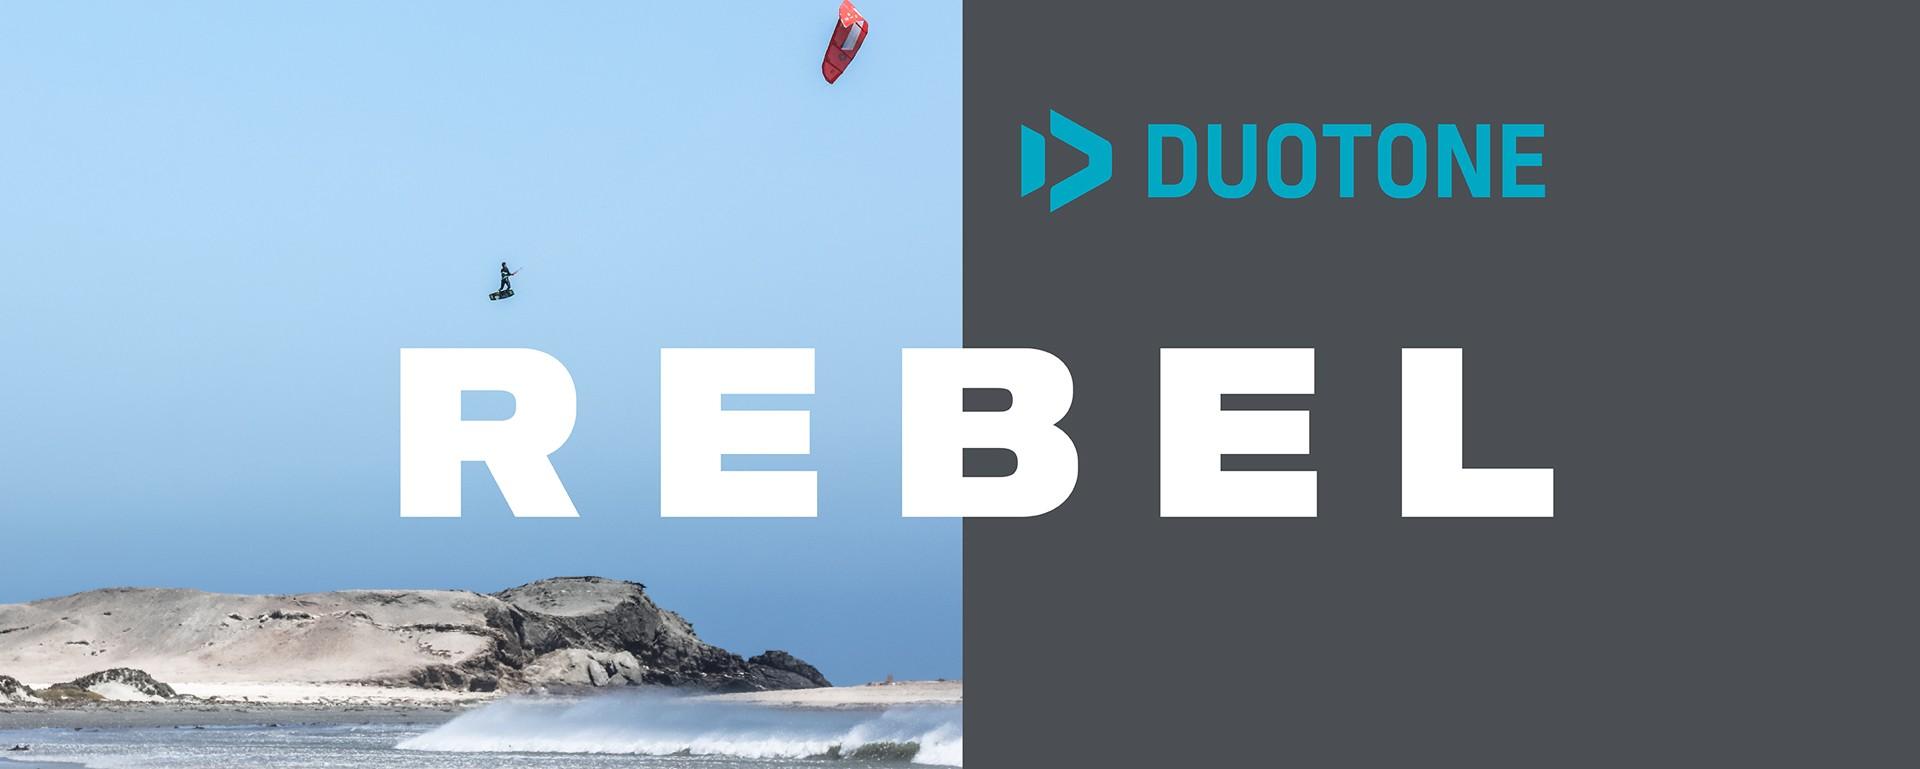 duotone kite rebel 2019